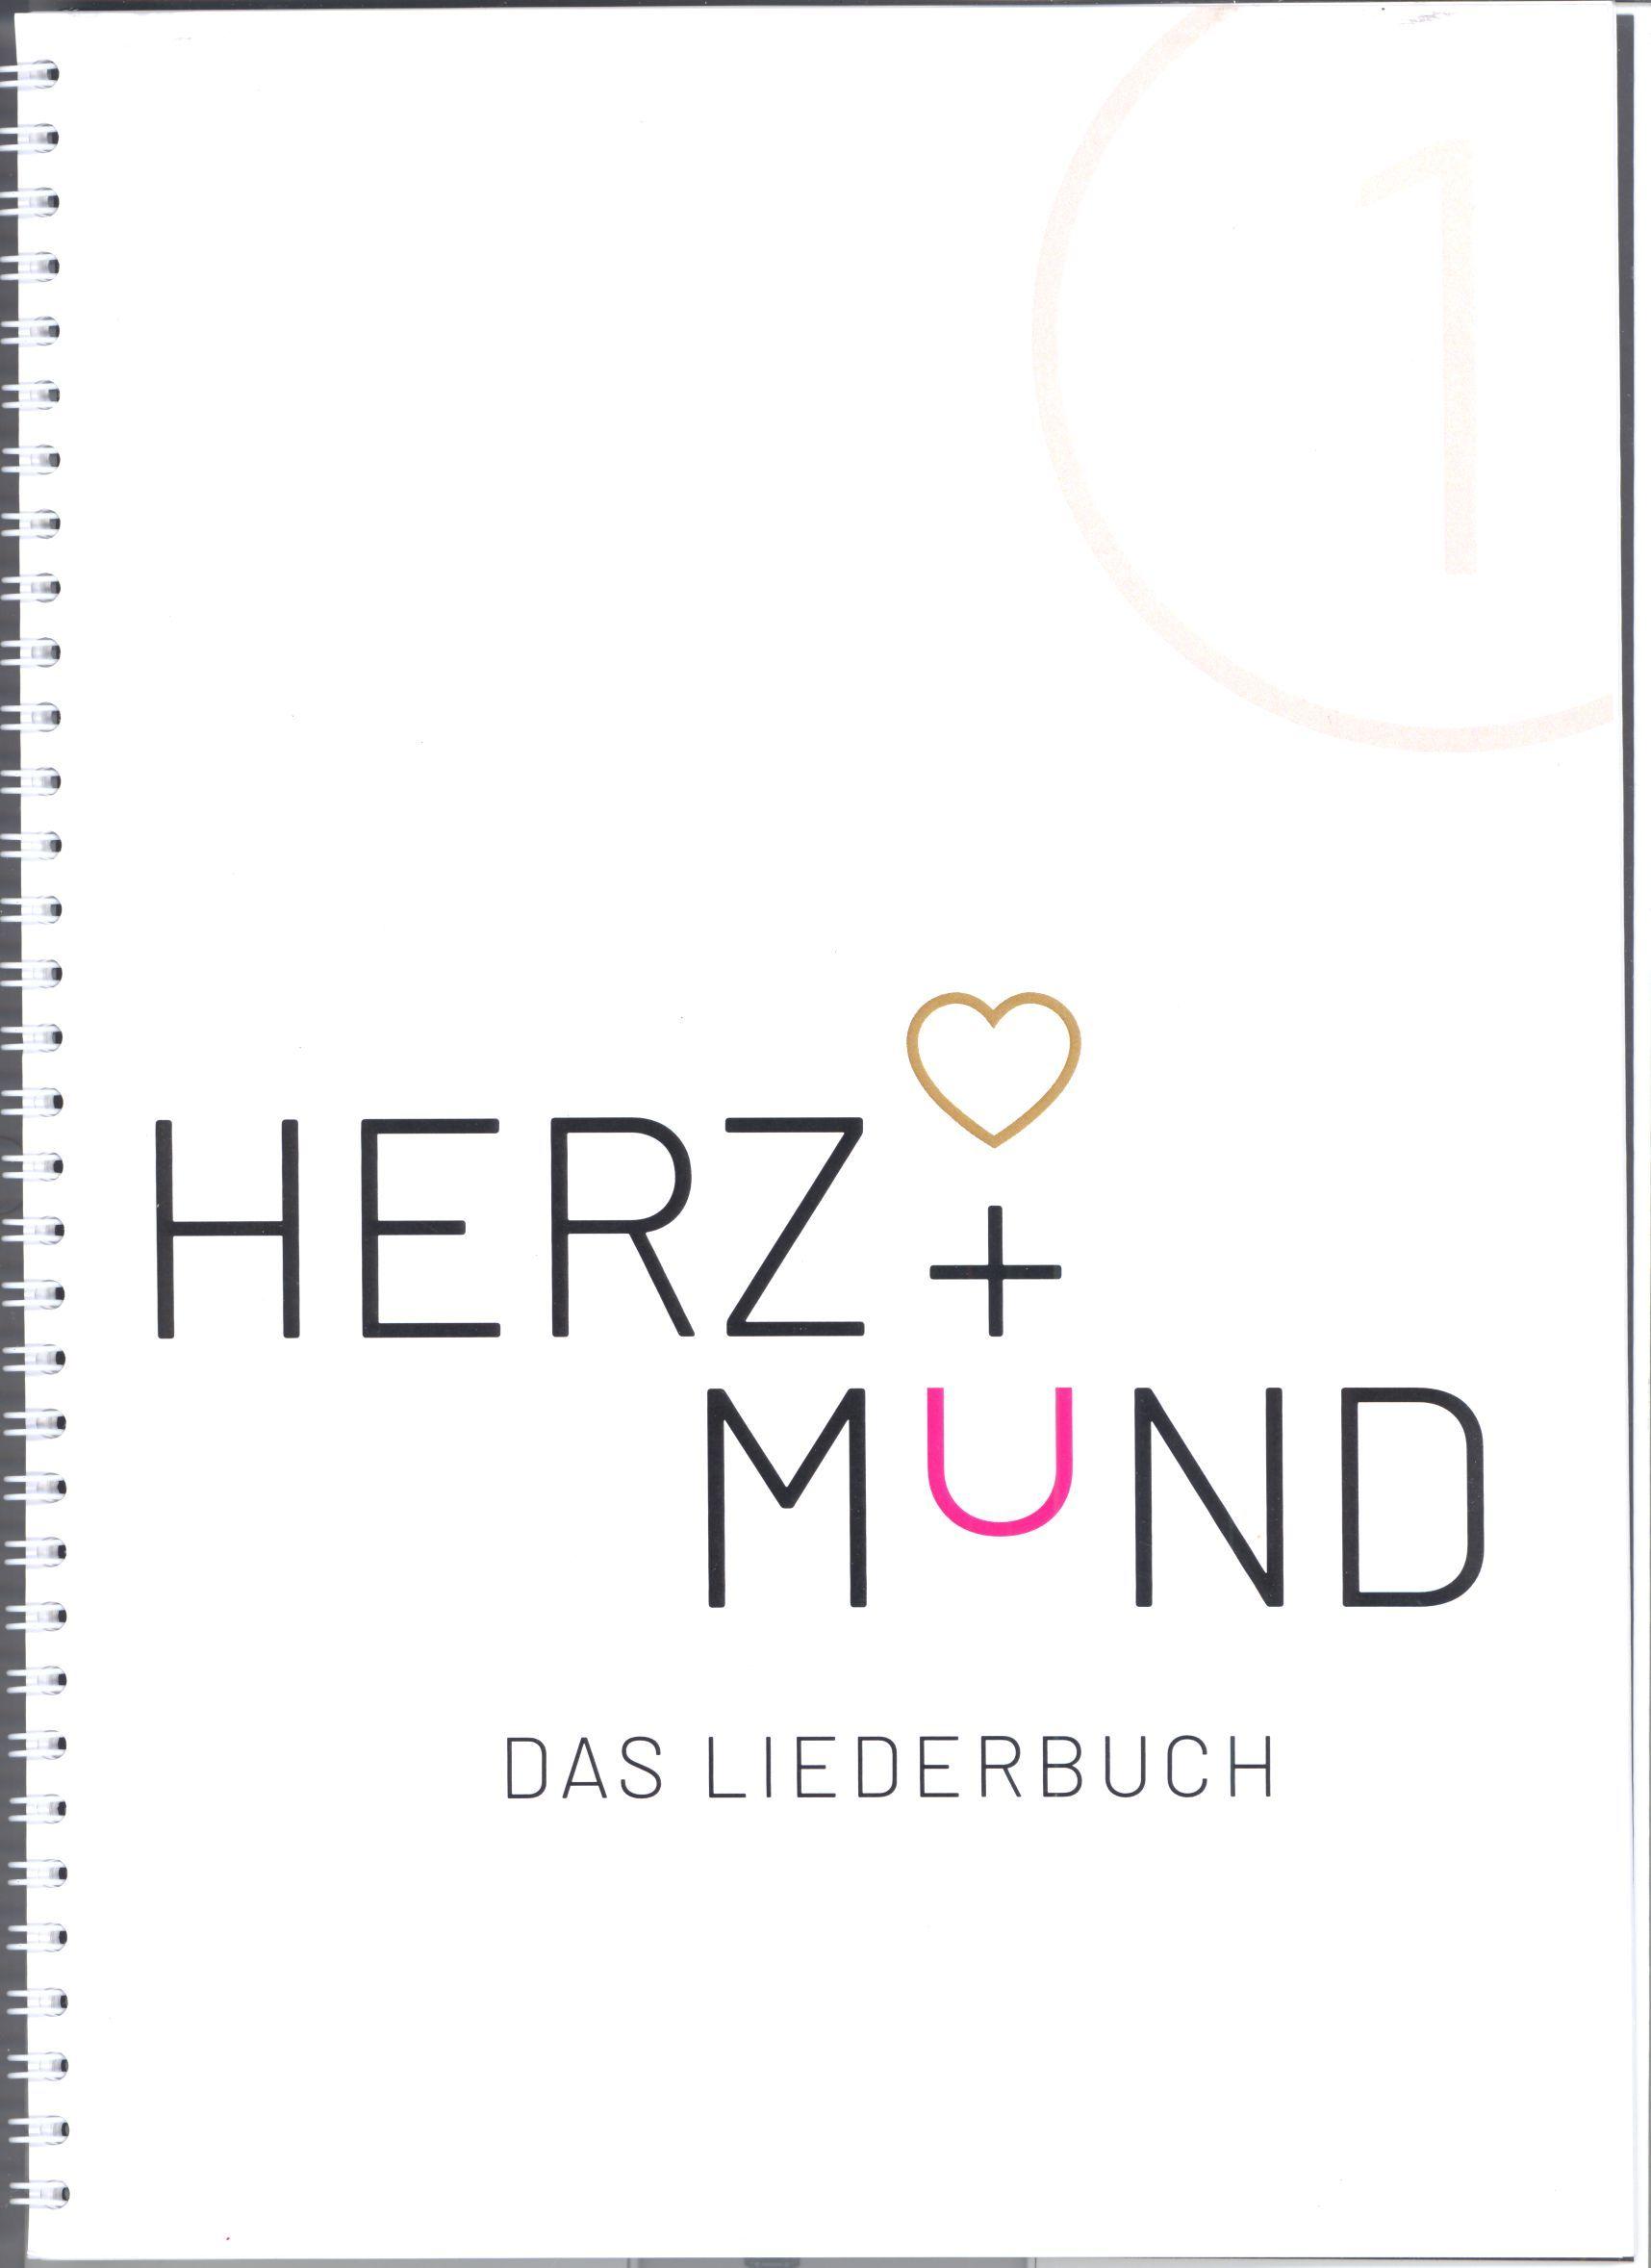 Herz + Mund 1 - Das Liederbuch